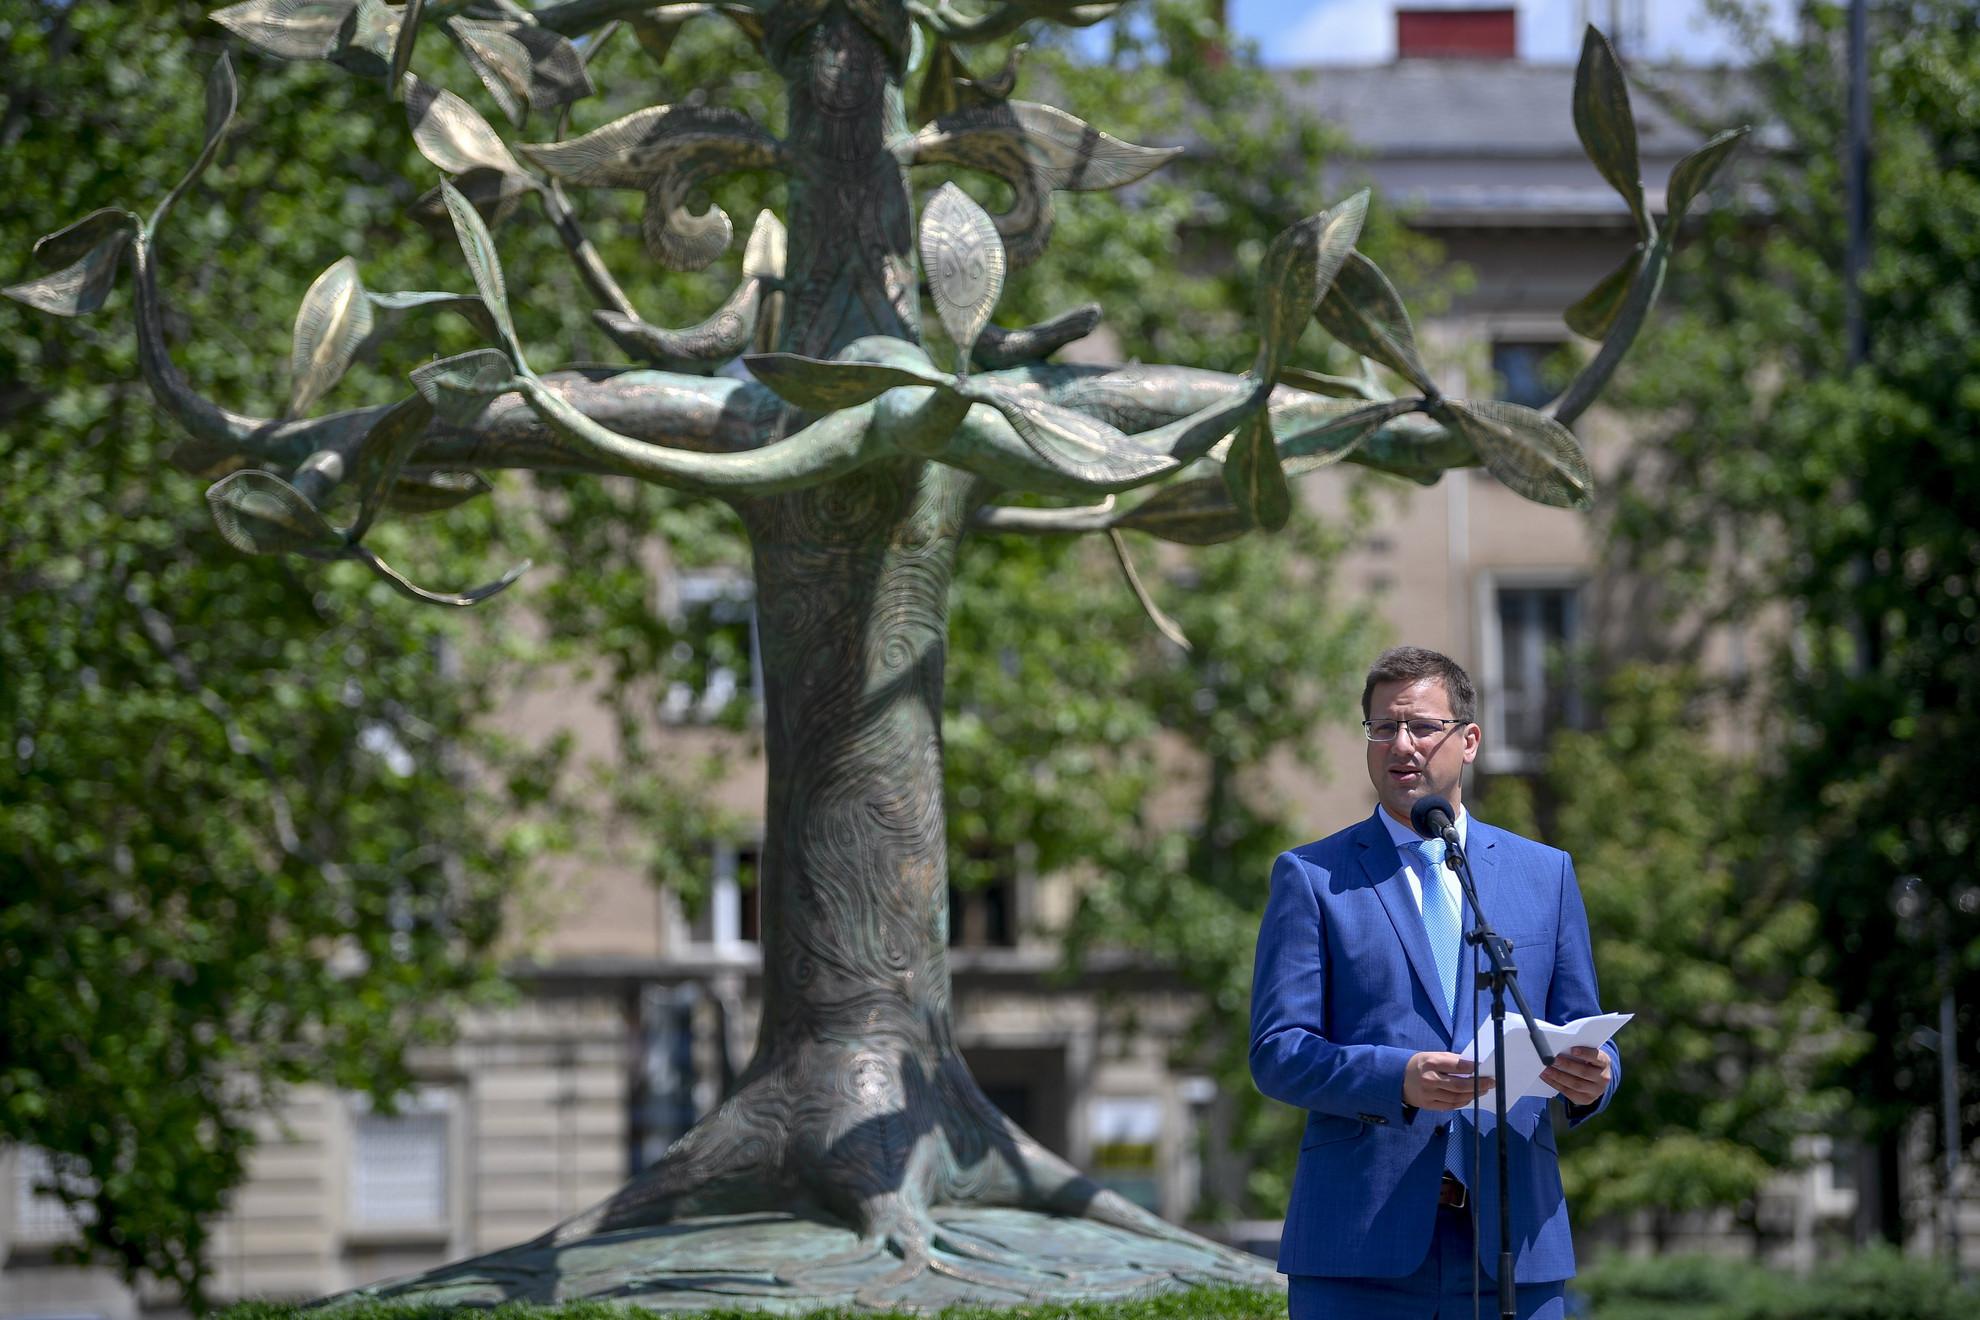 Gulyás Gergely, a Miniszterelnökséget vezető miniszter beszédet mond a Nemzeti Összetartozás Emlékművének felavatásán a nyíregyházi Hősök terén a nemzeti összetartozás napján